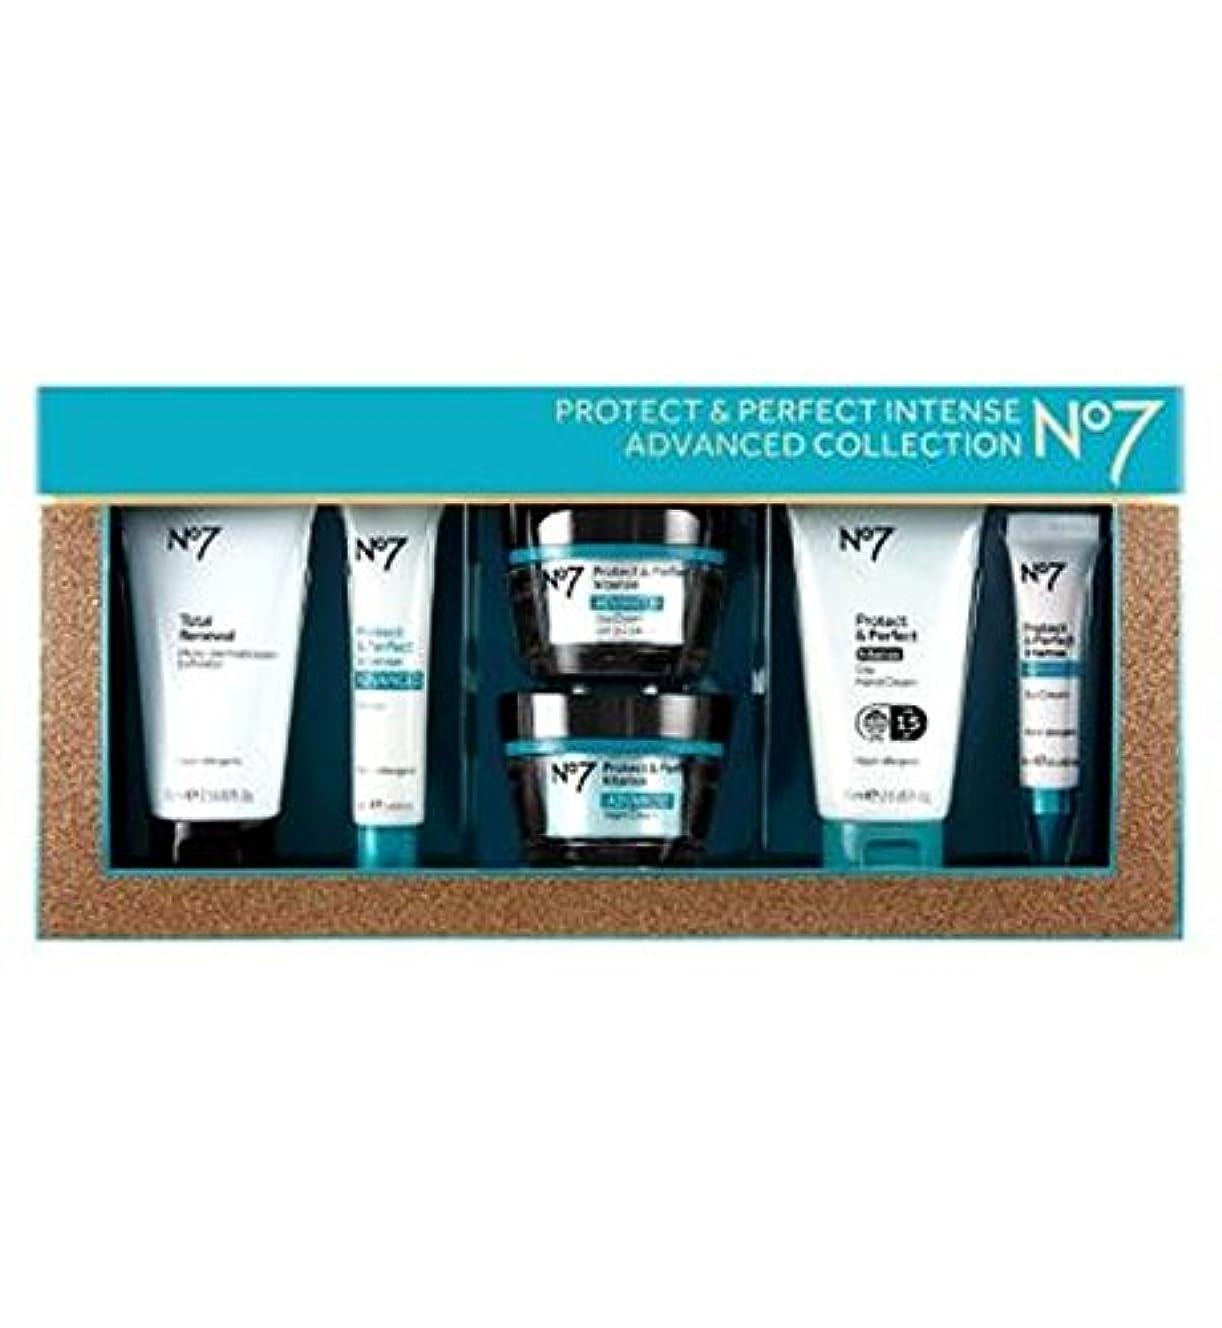 グリーンランド宿る原子No7保護&完璧な強烈な高度なコレクション (No7) (x2) - No7 Protect & Perfect Intense ADVANCED Collection (Pack of 2) [並行輸入品]